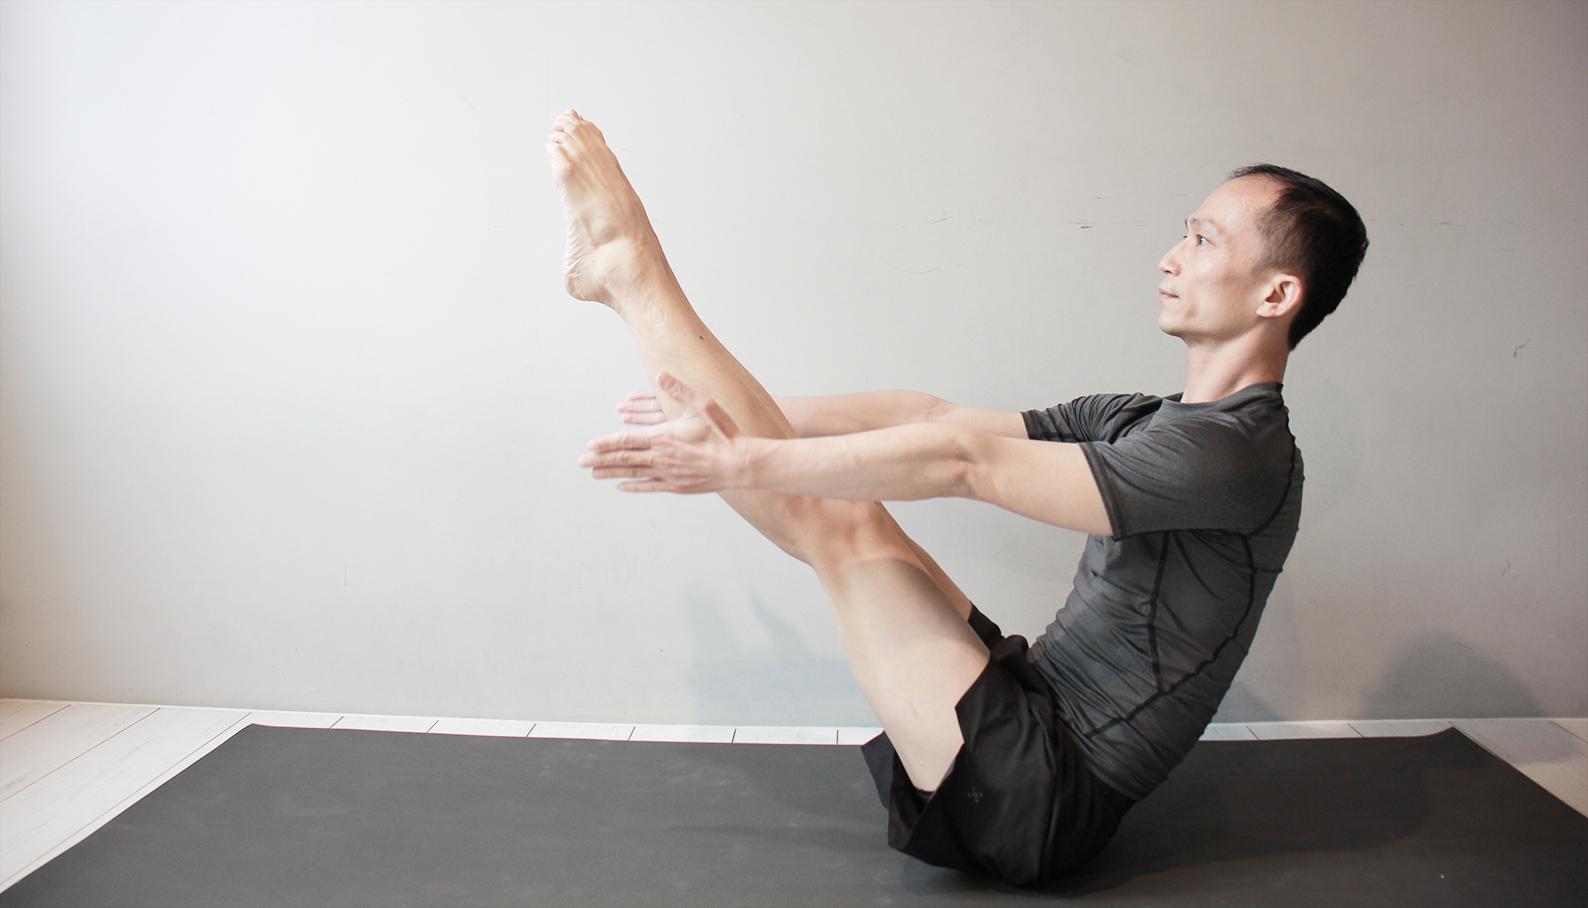 Yoga Teacher — Benny<br /><p>新聞系出身,輾轉從事了近20年的美語教學,因為壓力和健康的因素,接觸了一堂動瑜珈,從此踏上瑜珈修煉的旅程</p>